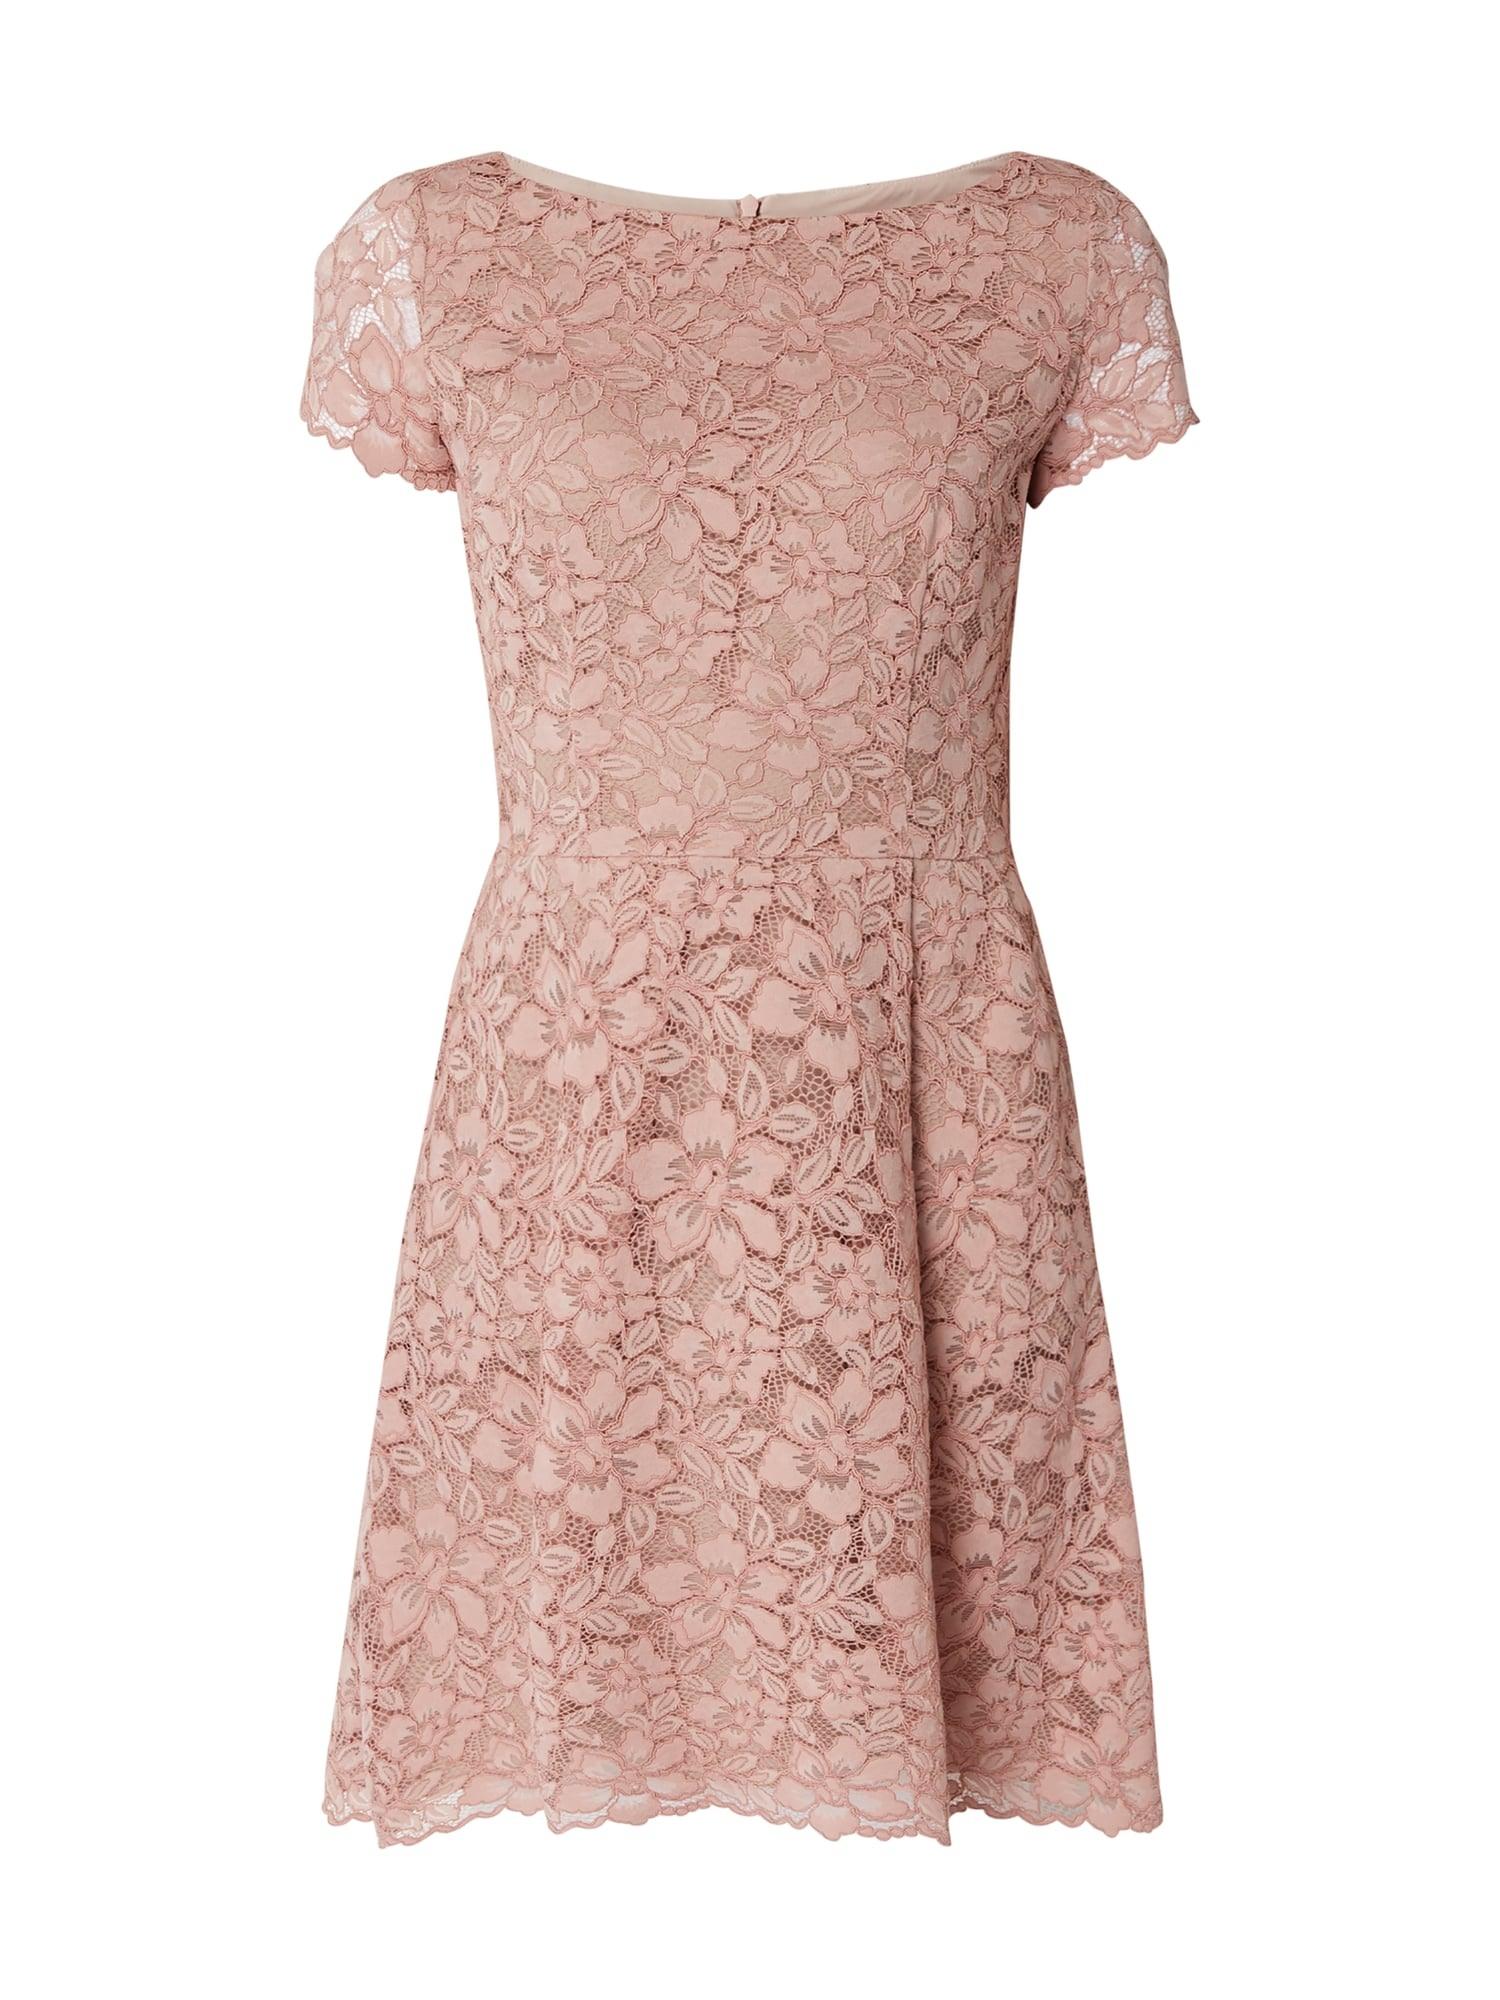 Coolste Kleid Altrosa Spitze Vertrieb15 Schön Kleid Altrosa Spitze Stylish